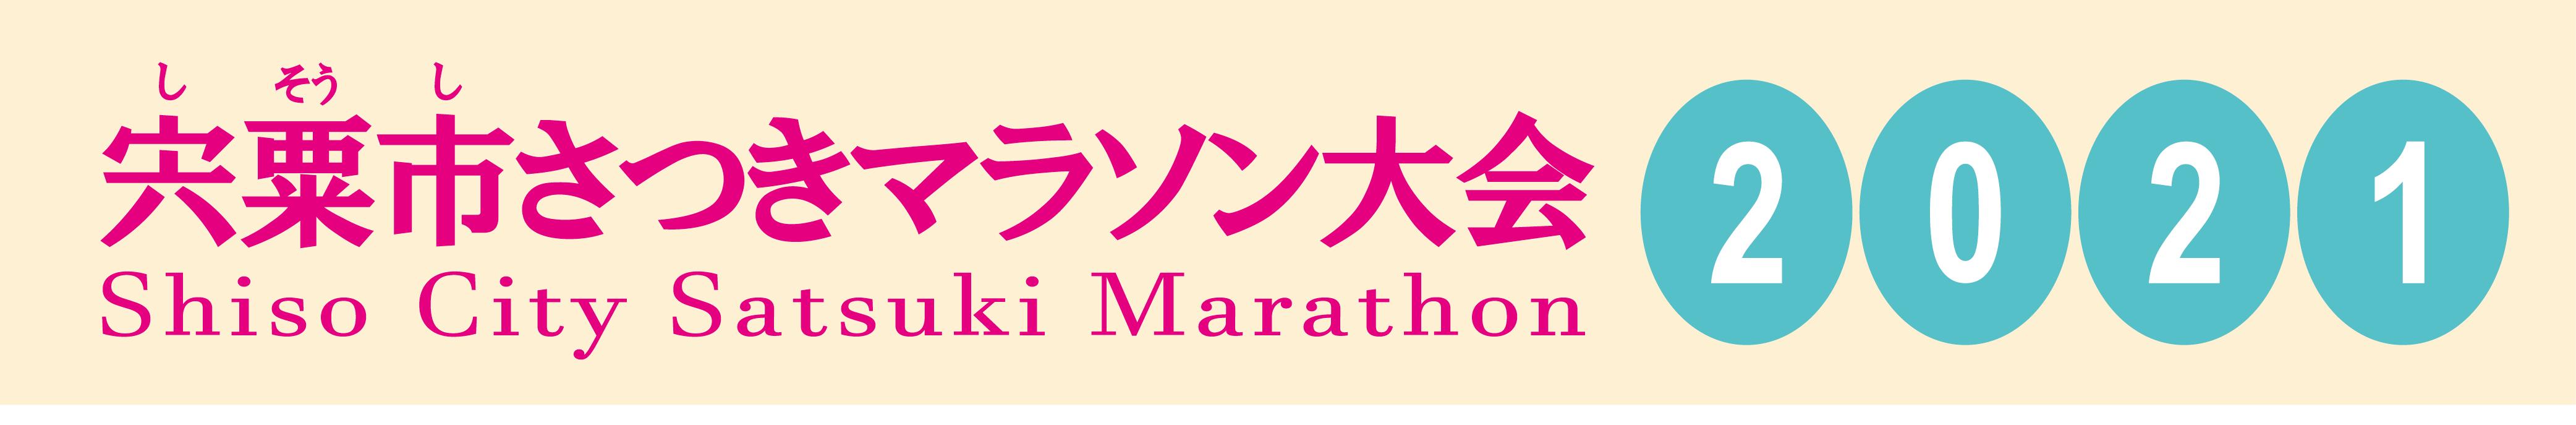 宍粟市さつきマラソン大会公式サイト